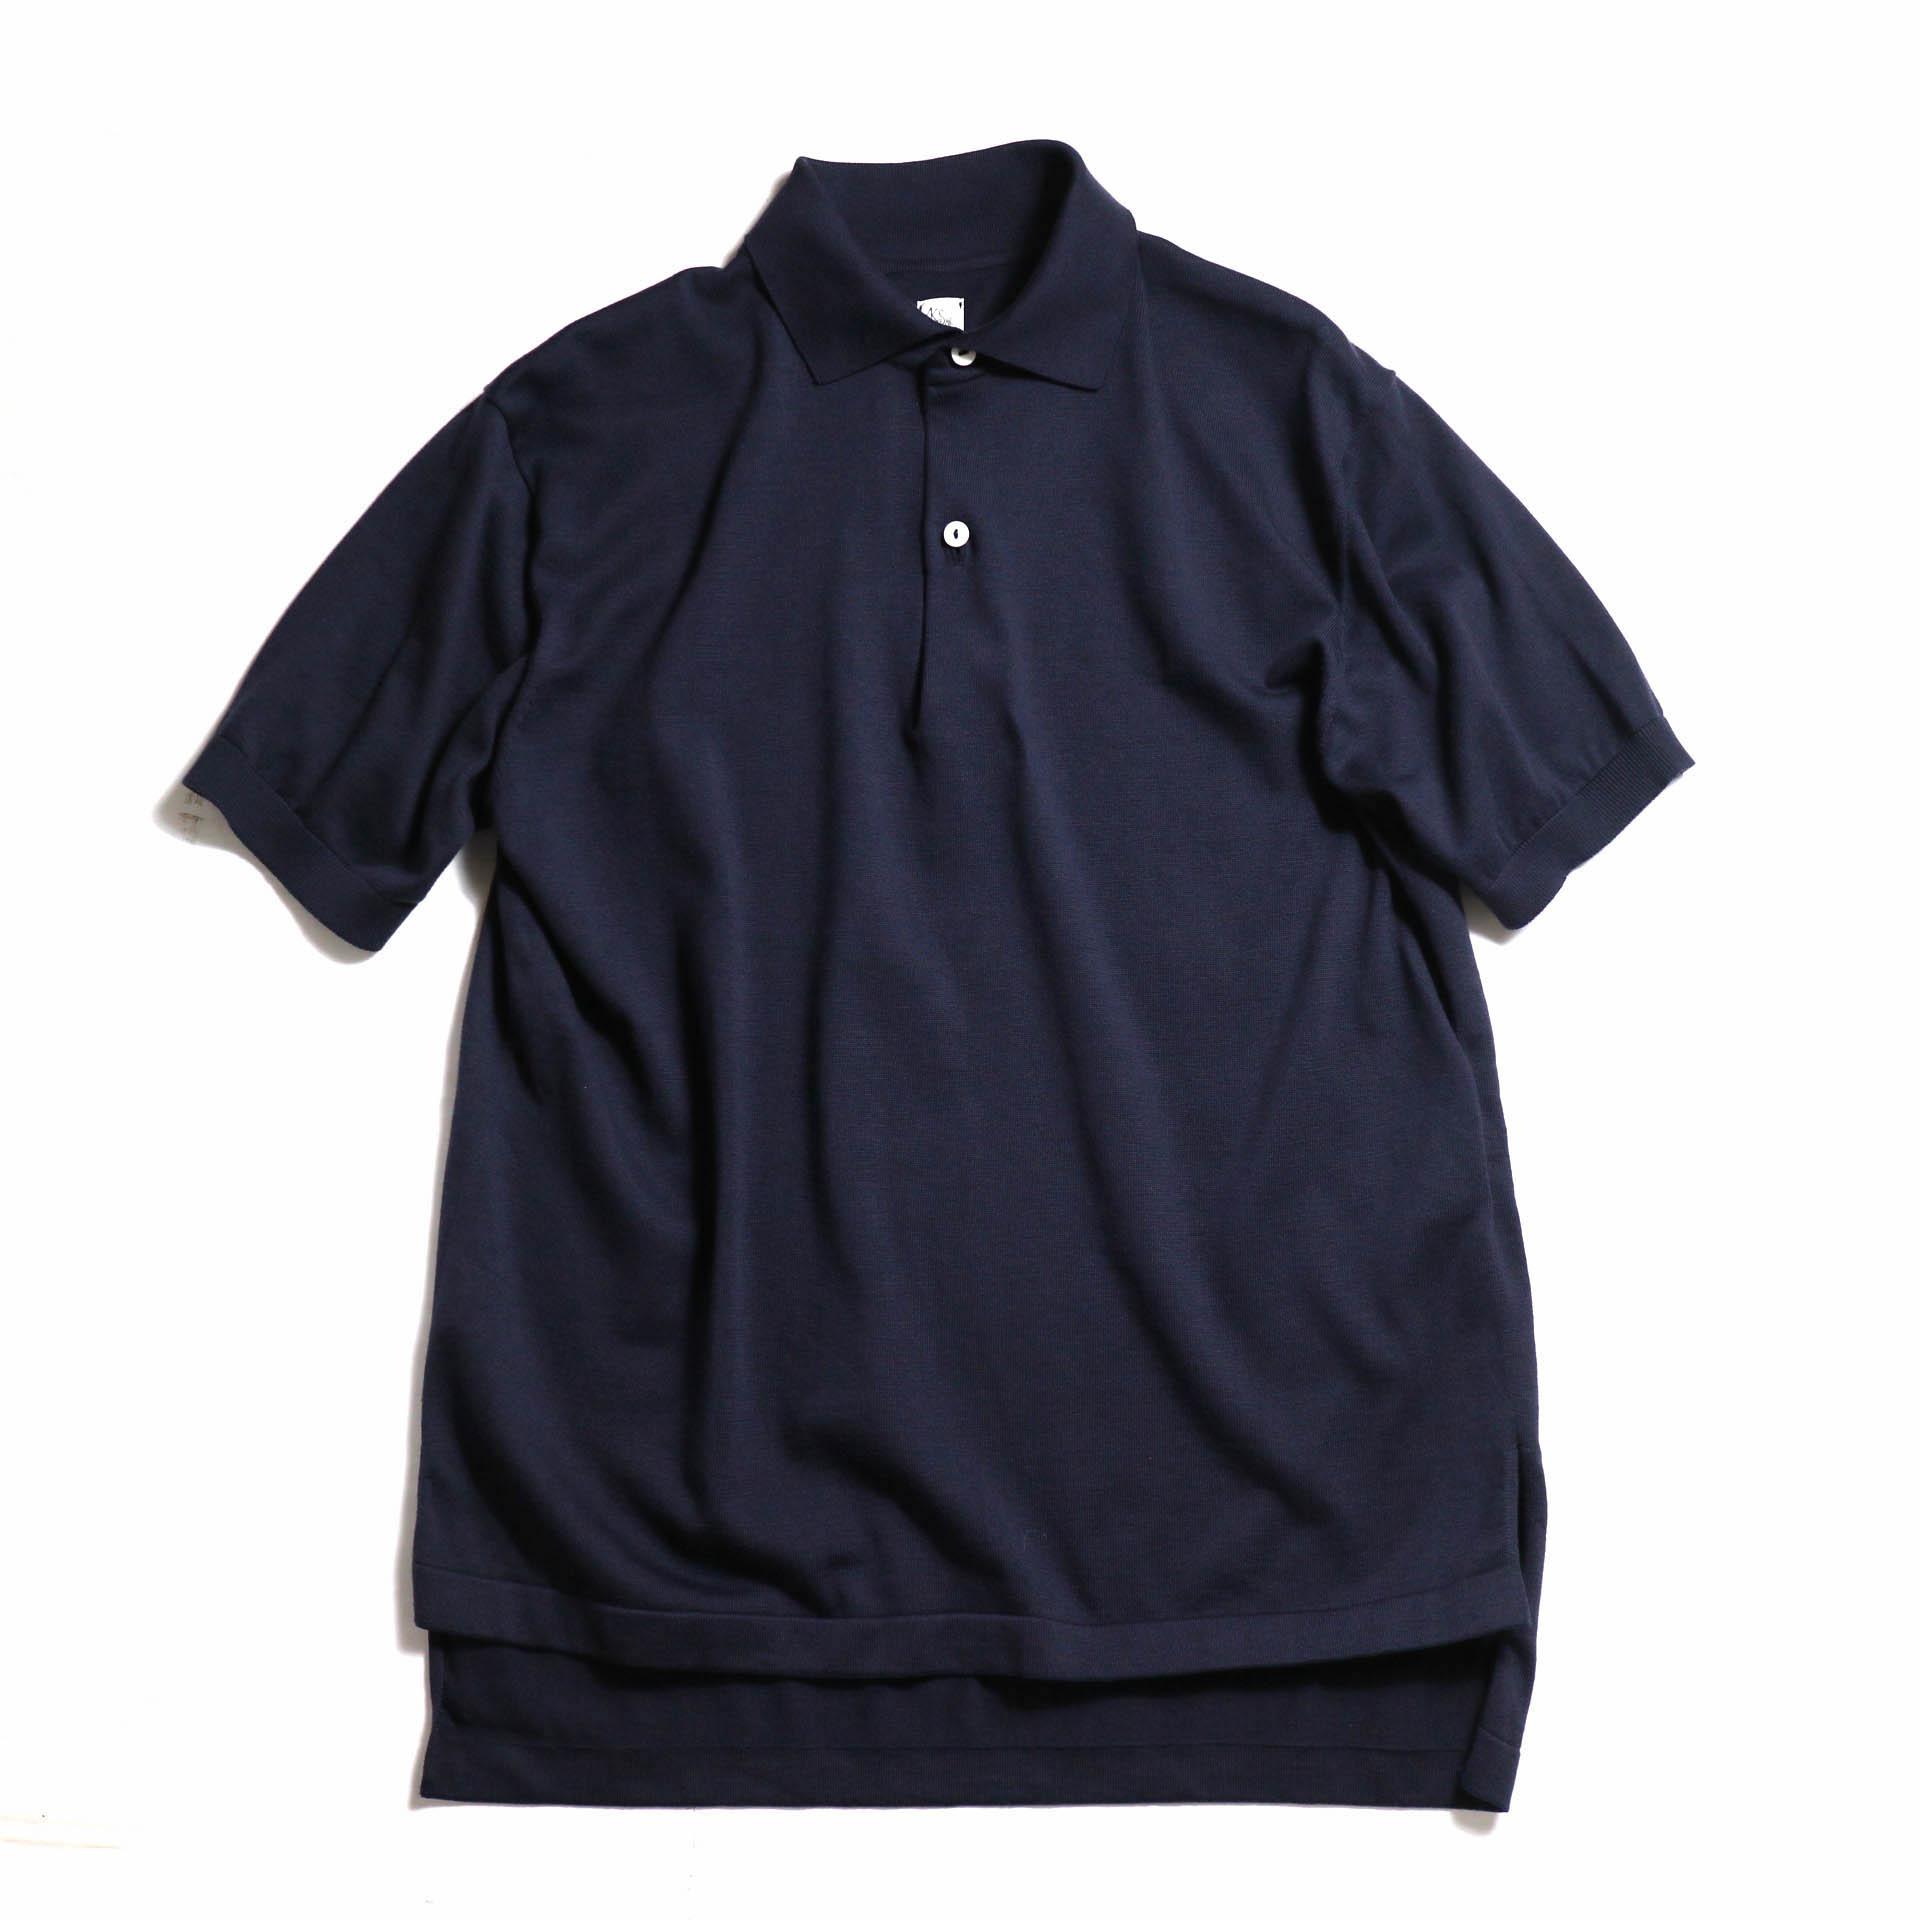 Kaptain Sunshine / Knit Polo Collar Shirt